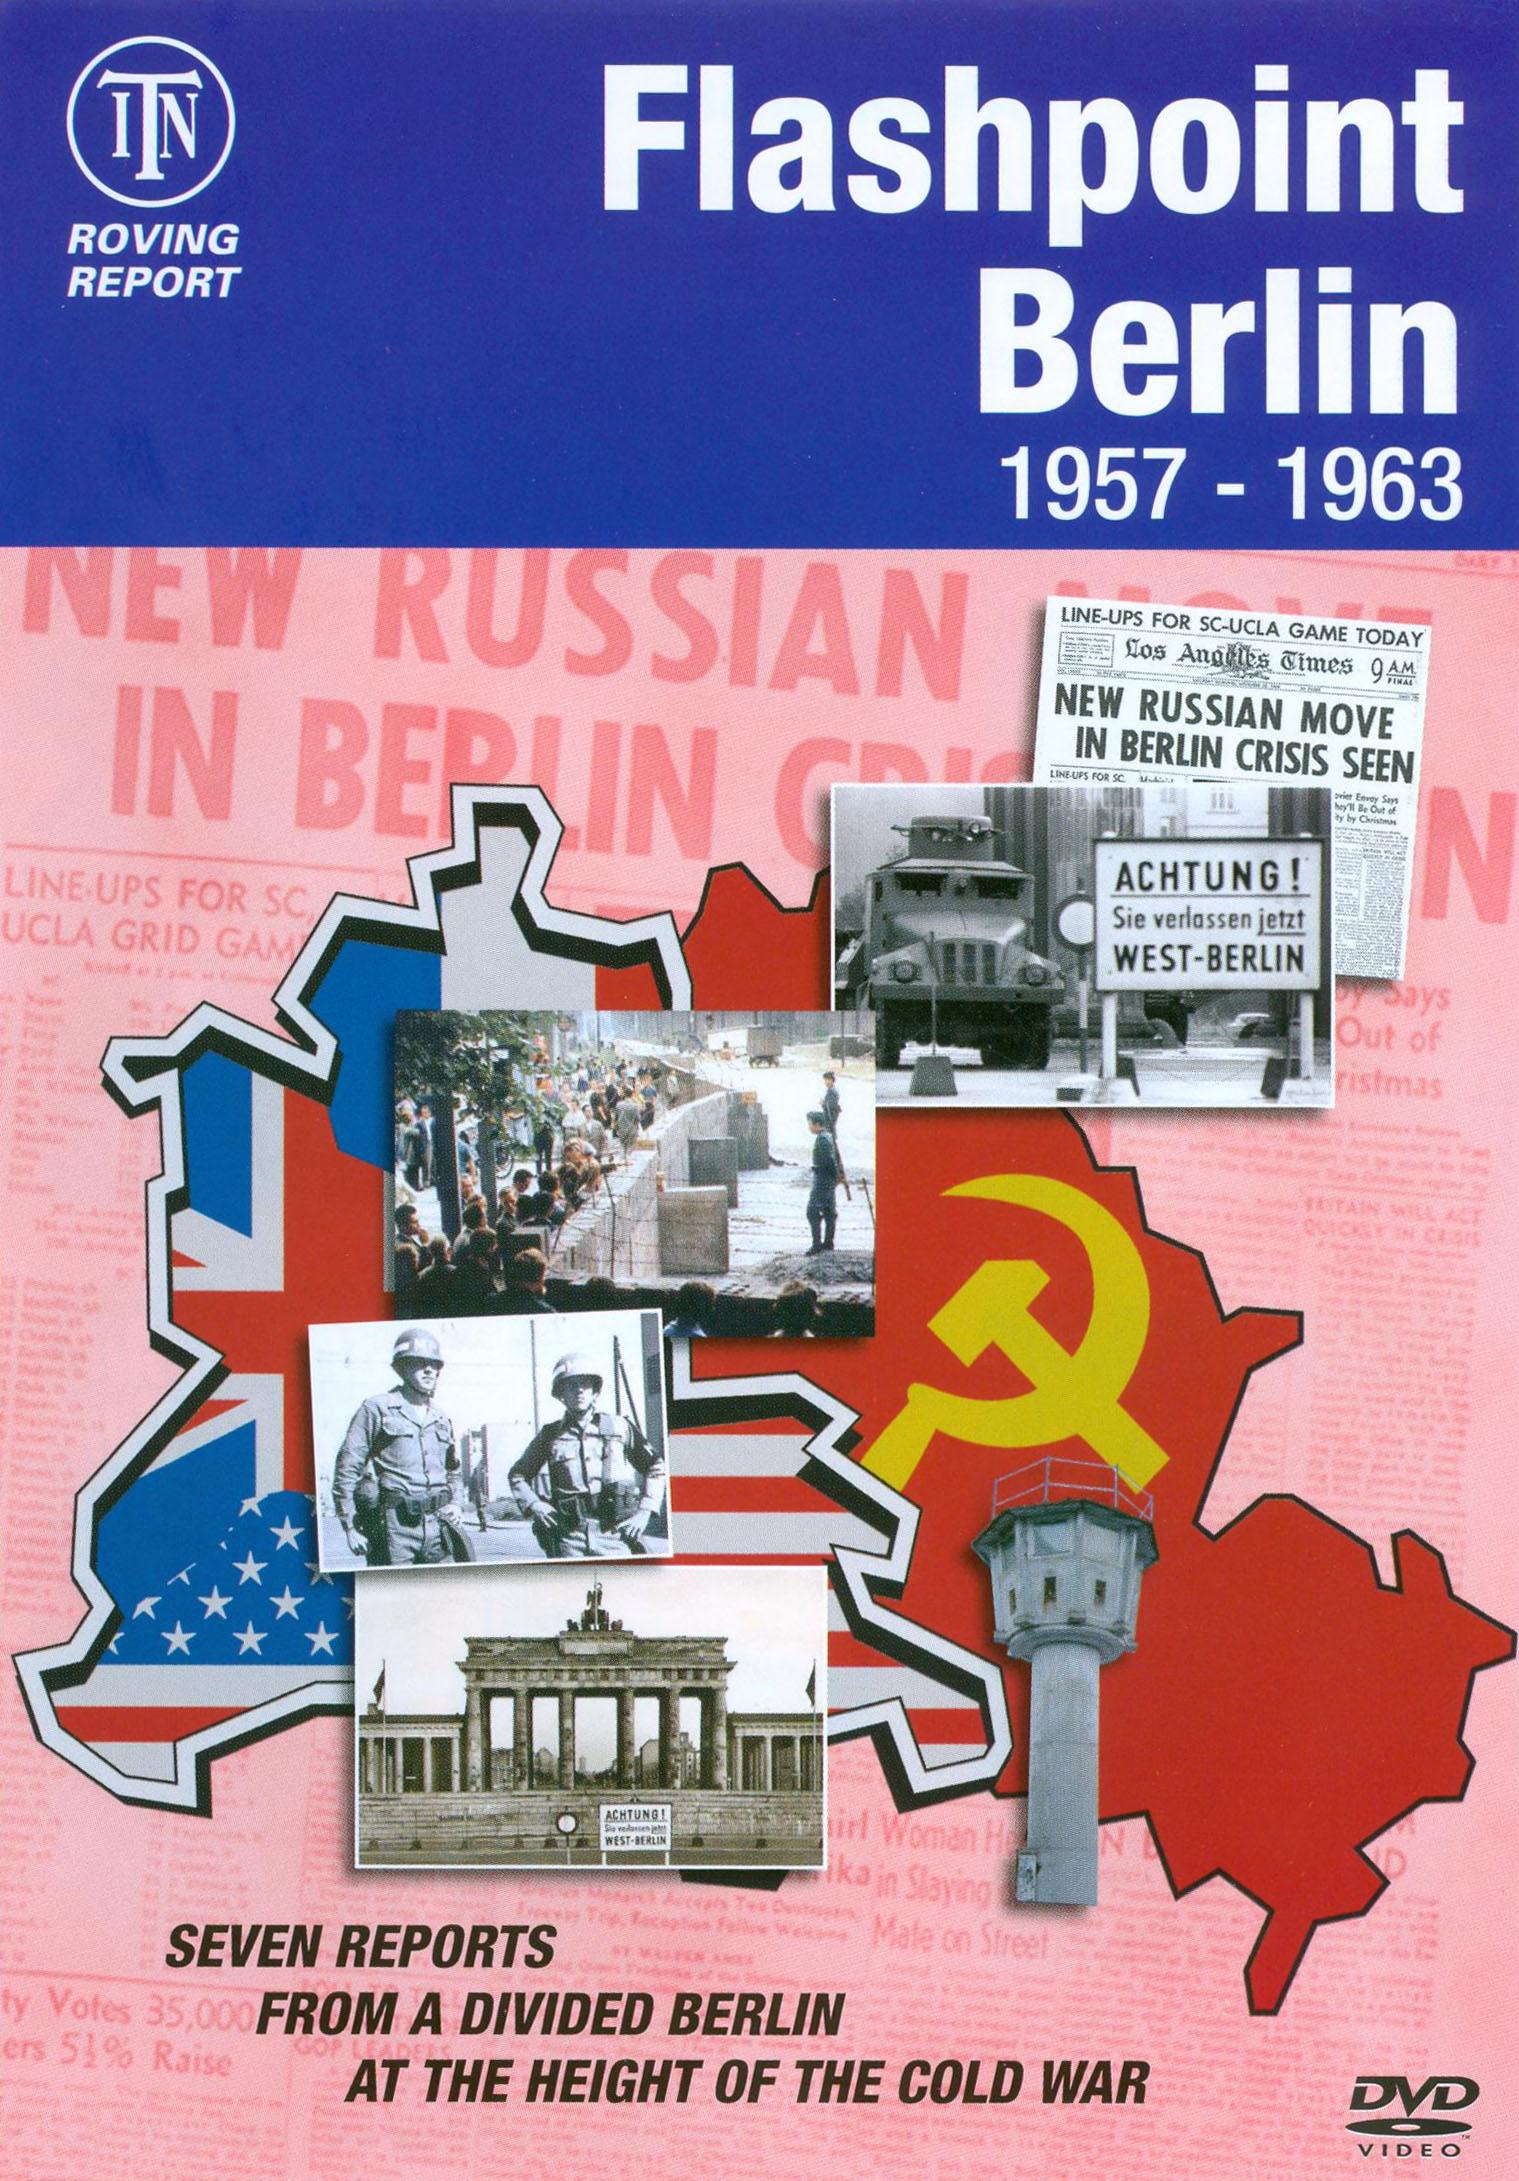 Flashpoint Berlin: 1957-1963